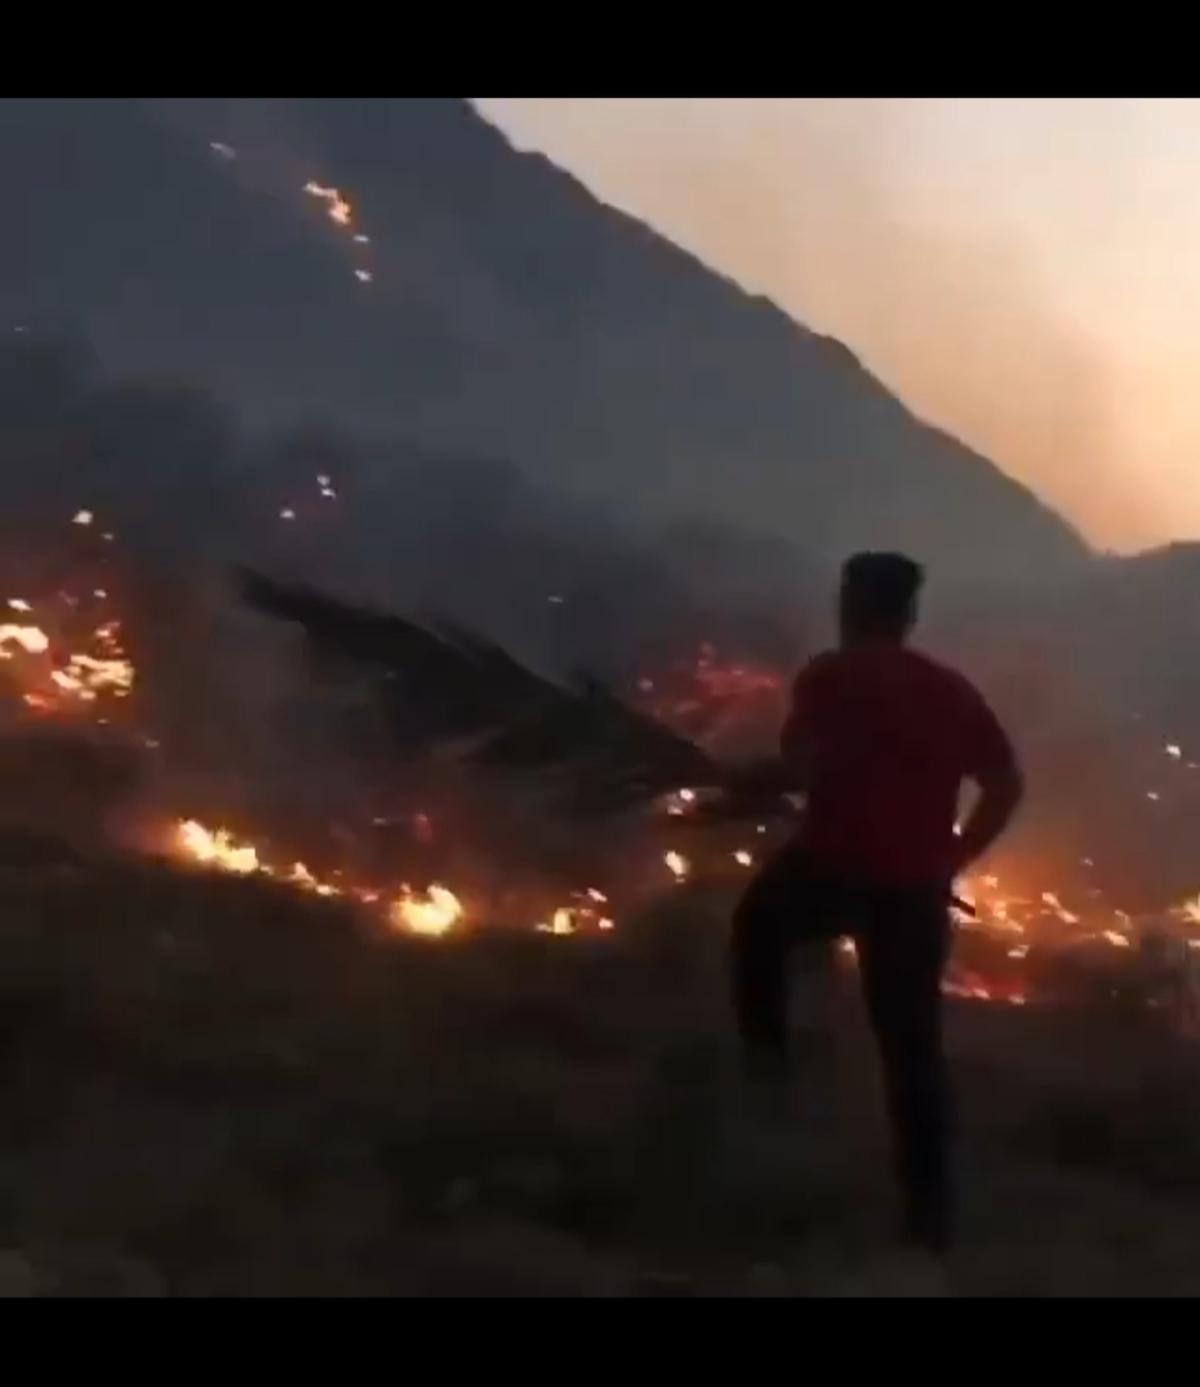 آتش سوزی گسترده در ارتفاعات کوه شب در استان هرمزگان + ویدئو